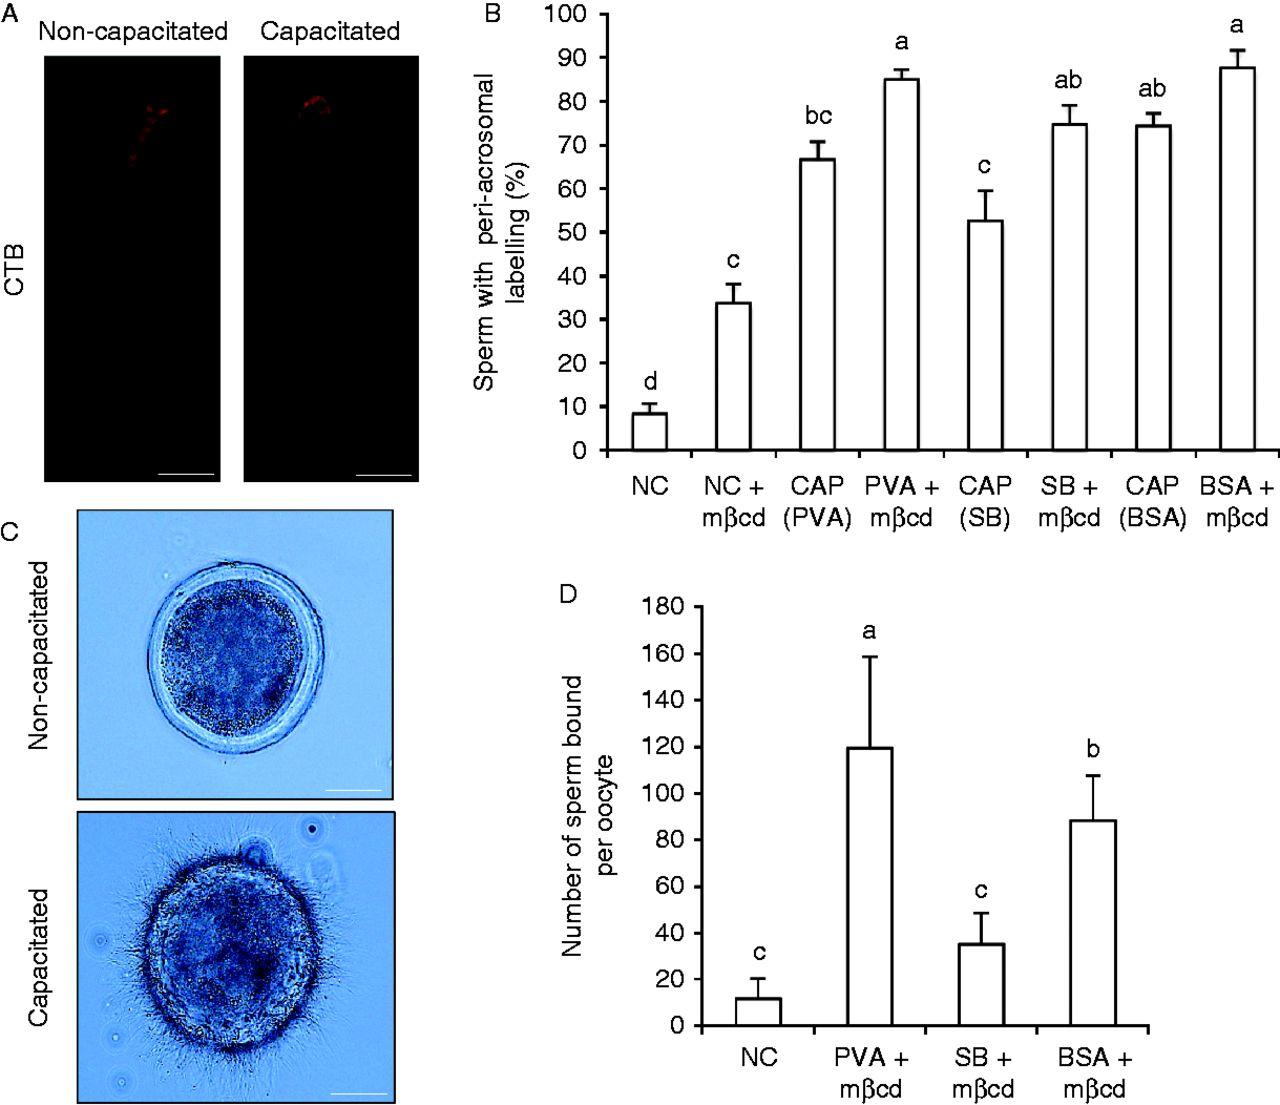 Sperm capacitation in vitro, porn nipples video